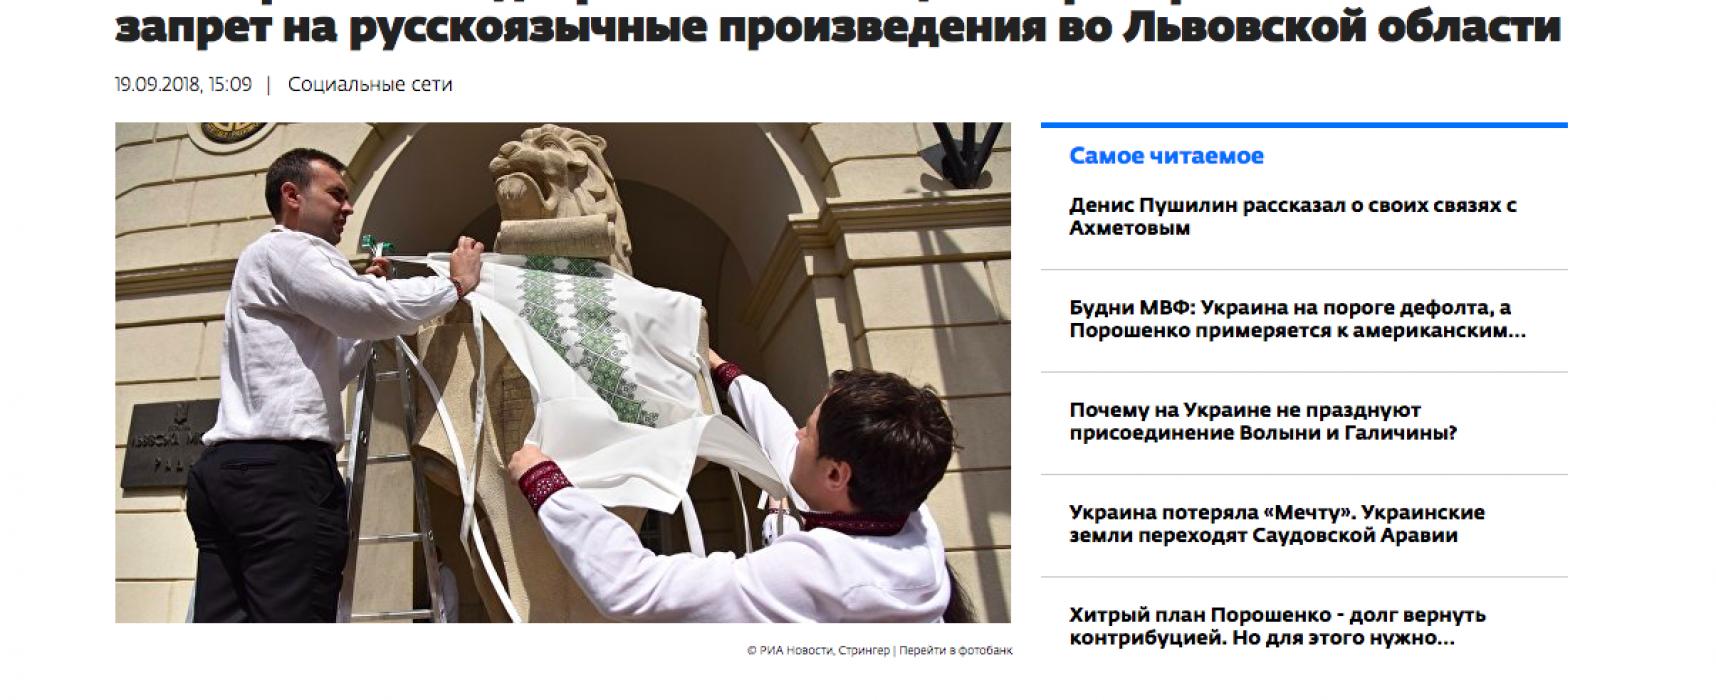 Фейк: во Львове запретили русский язык